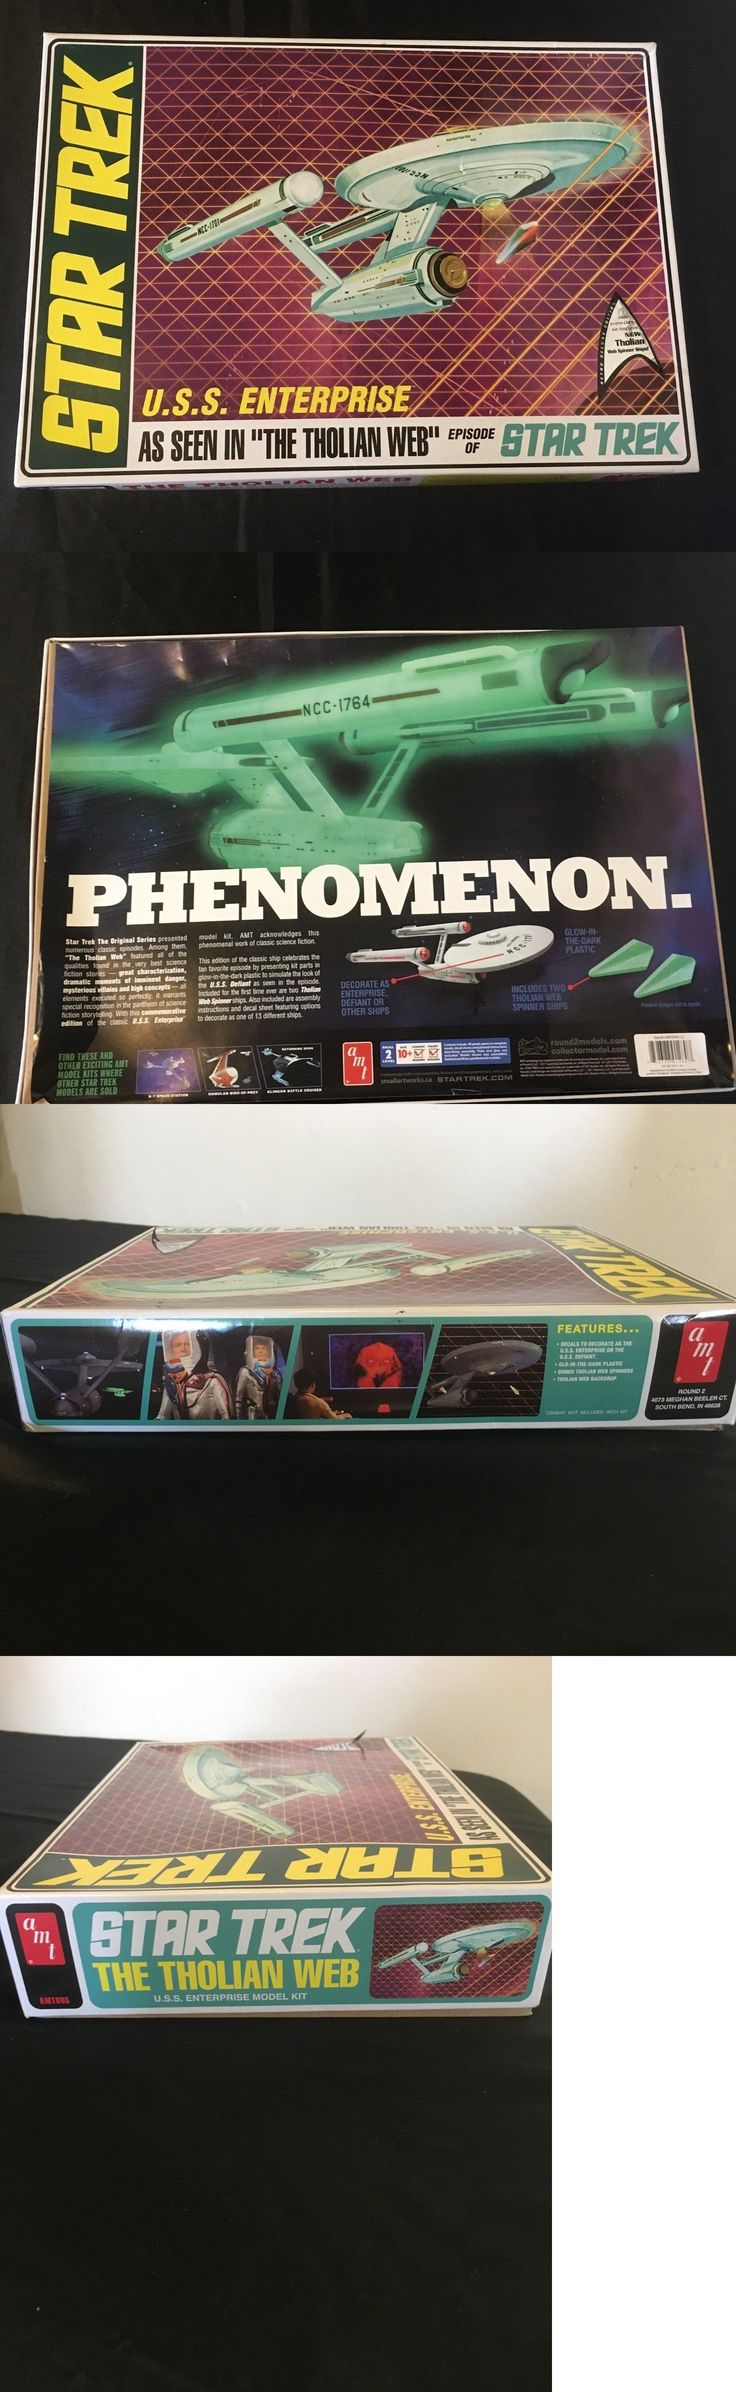 Star Trek 49211: Star Trek The Tholian Web U.S.S. Enterprise Model Kit Amt -> BUY IT NOW ONLY: $75 on eBay!